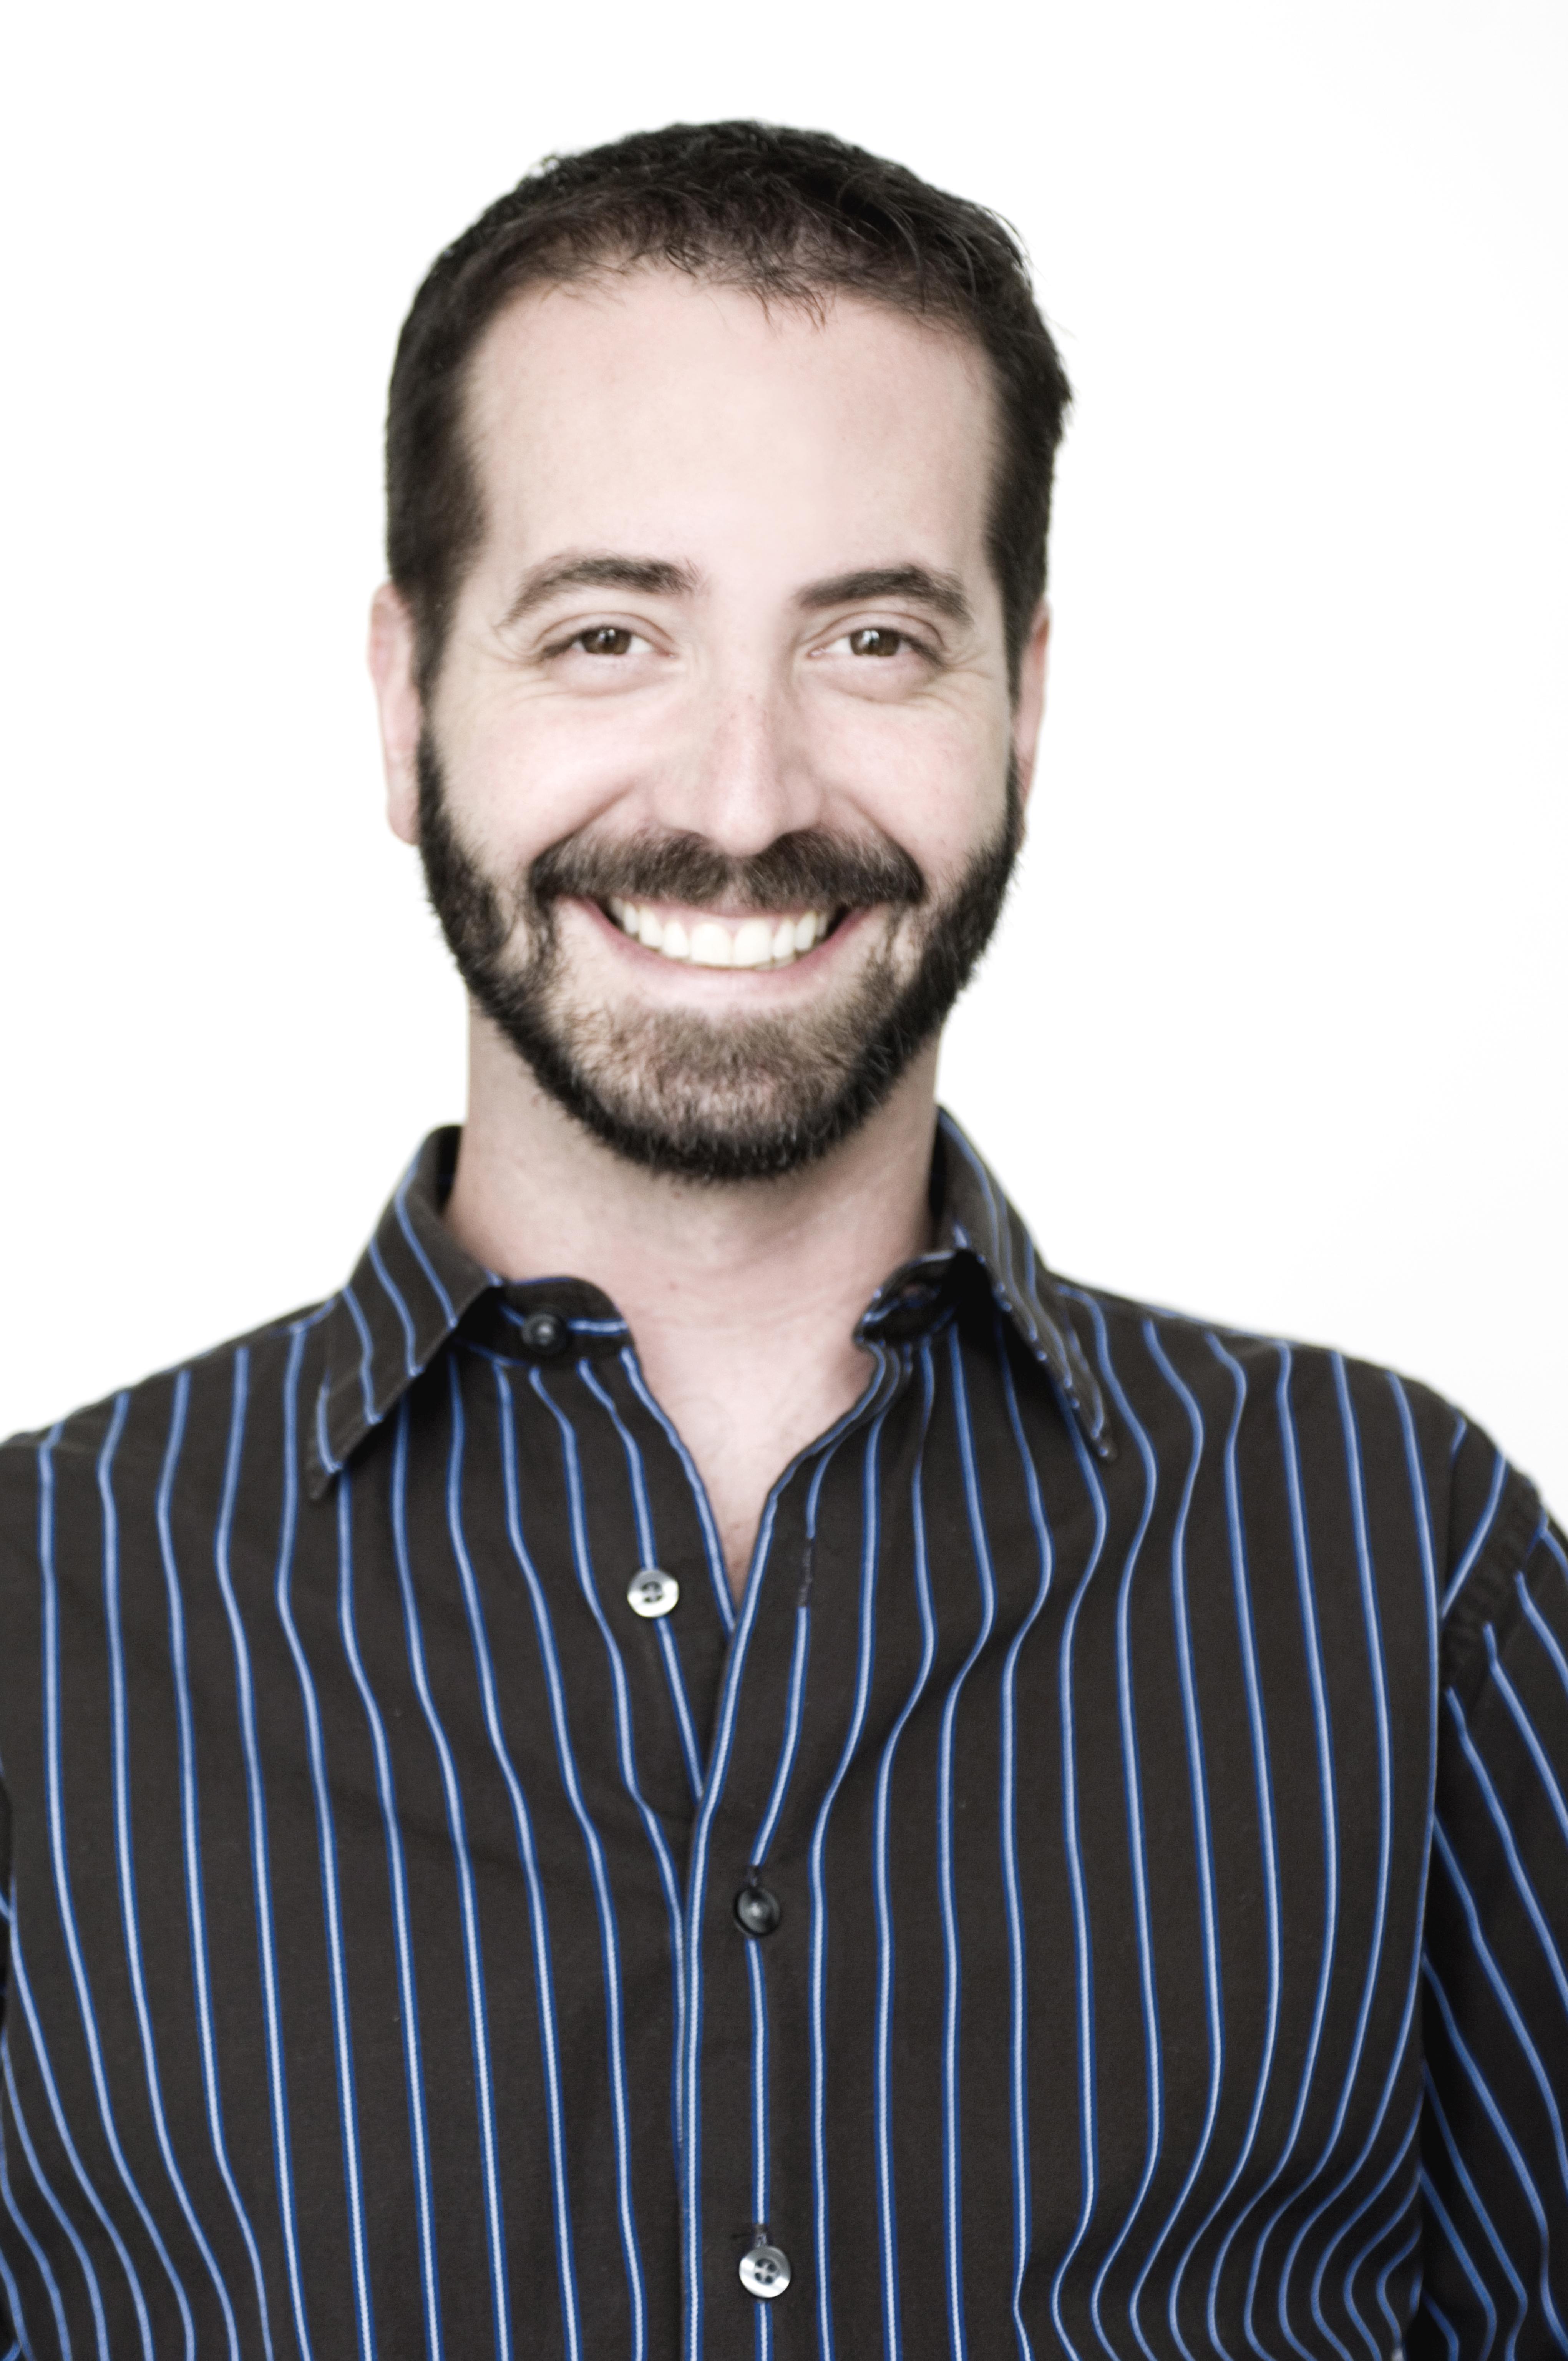 Scott Blankenship